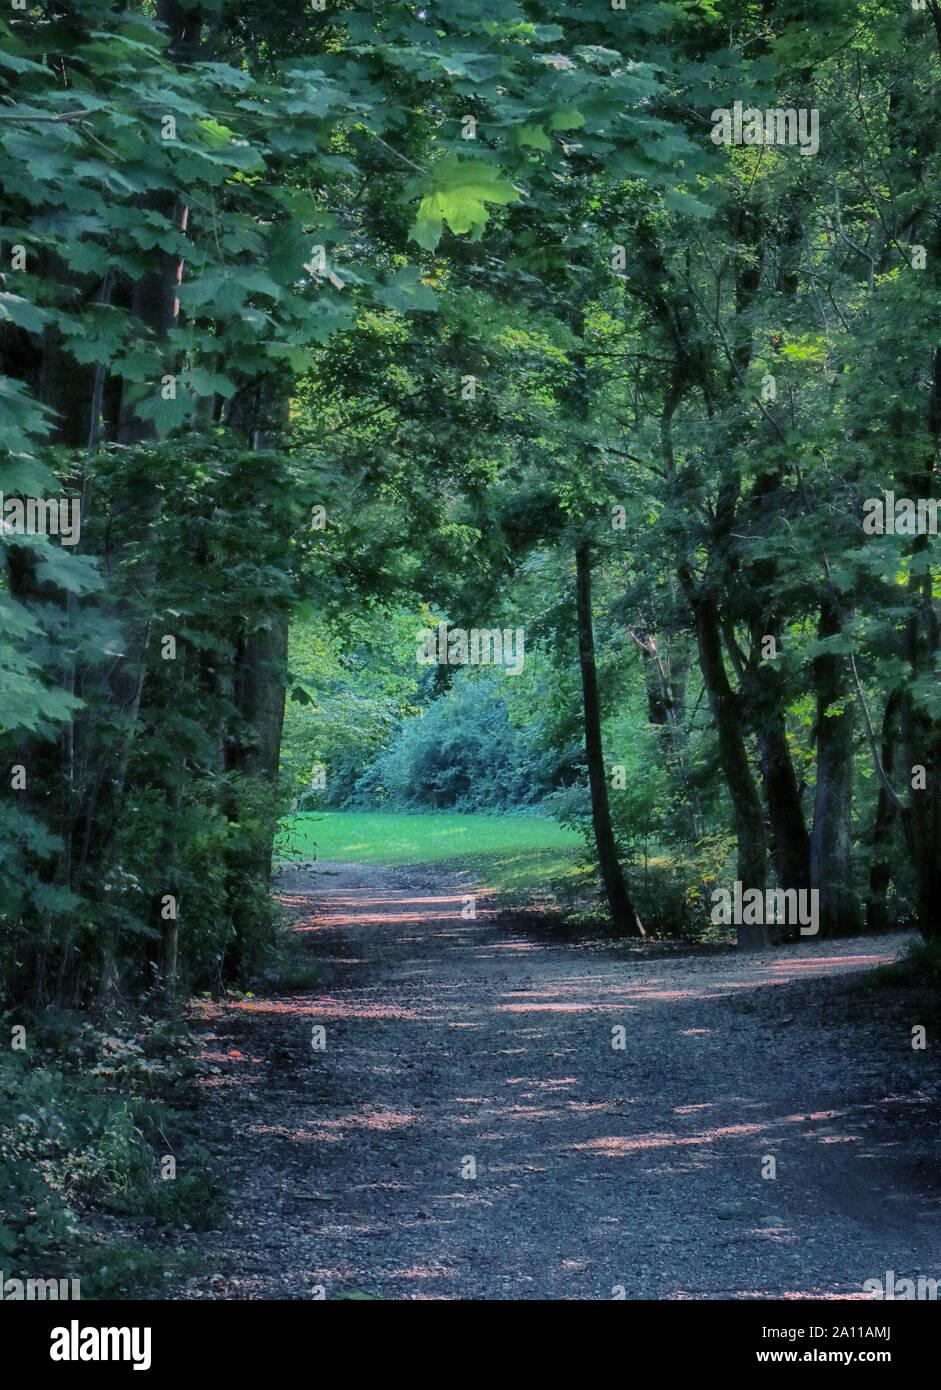 Beau chemin dans l'ombre verte entourée d'arbres avec une végétation luxuriante en été, le paysage en jardin anglais à Munich Banque D'Images